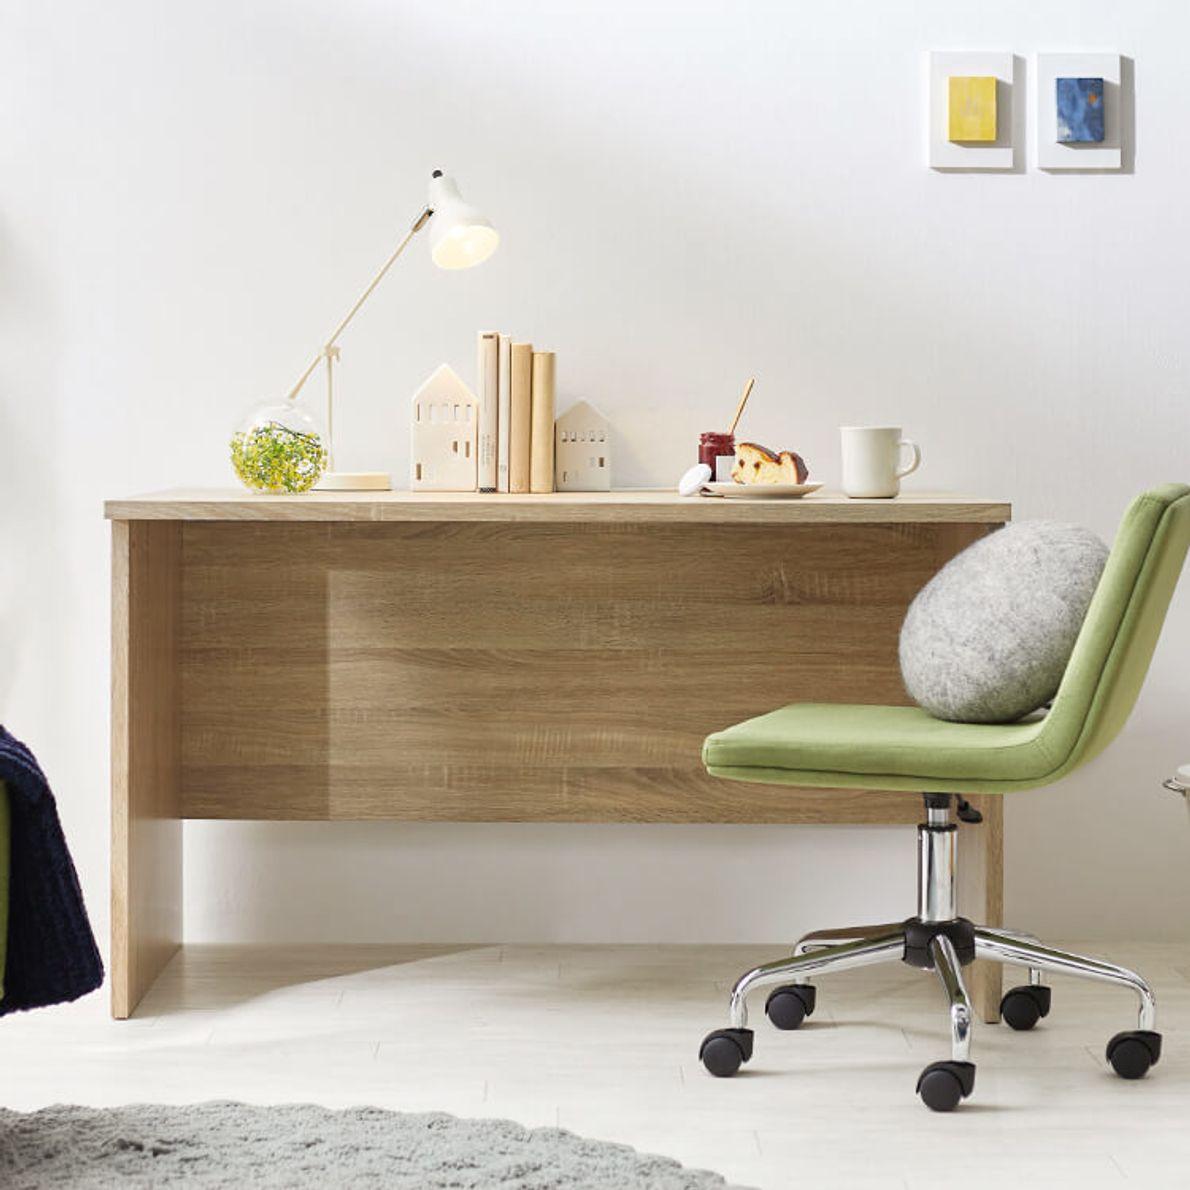 美しい家具と、素敵な毎日を